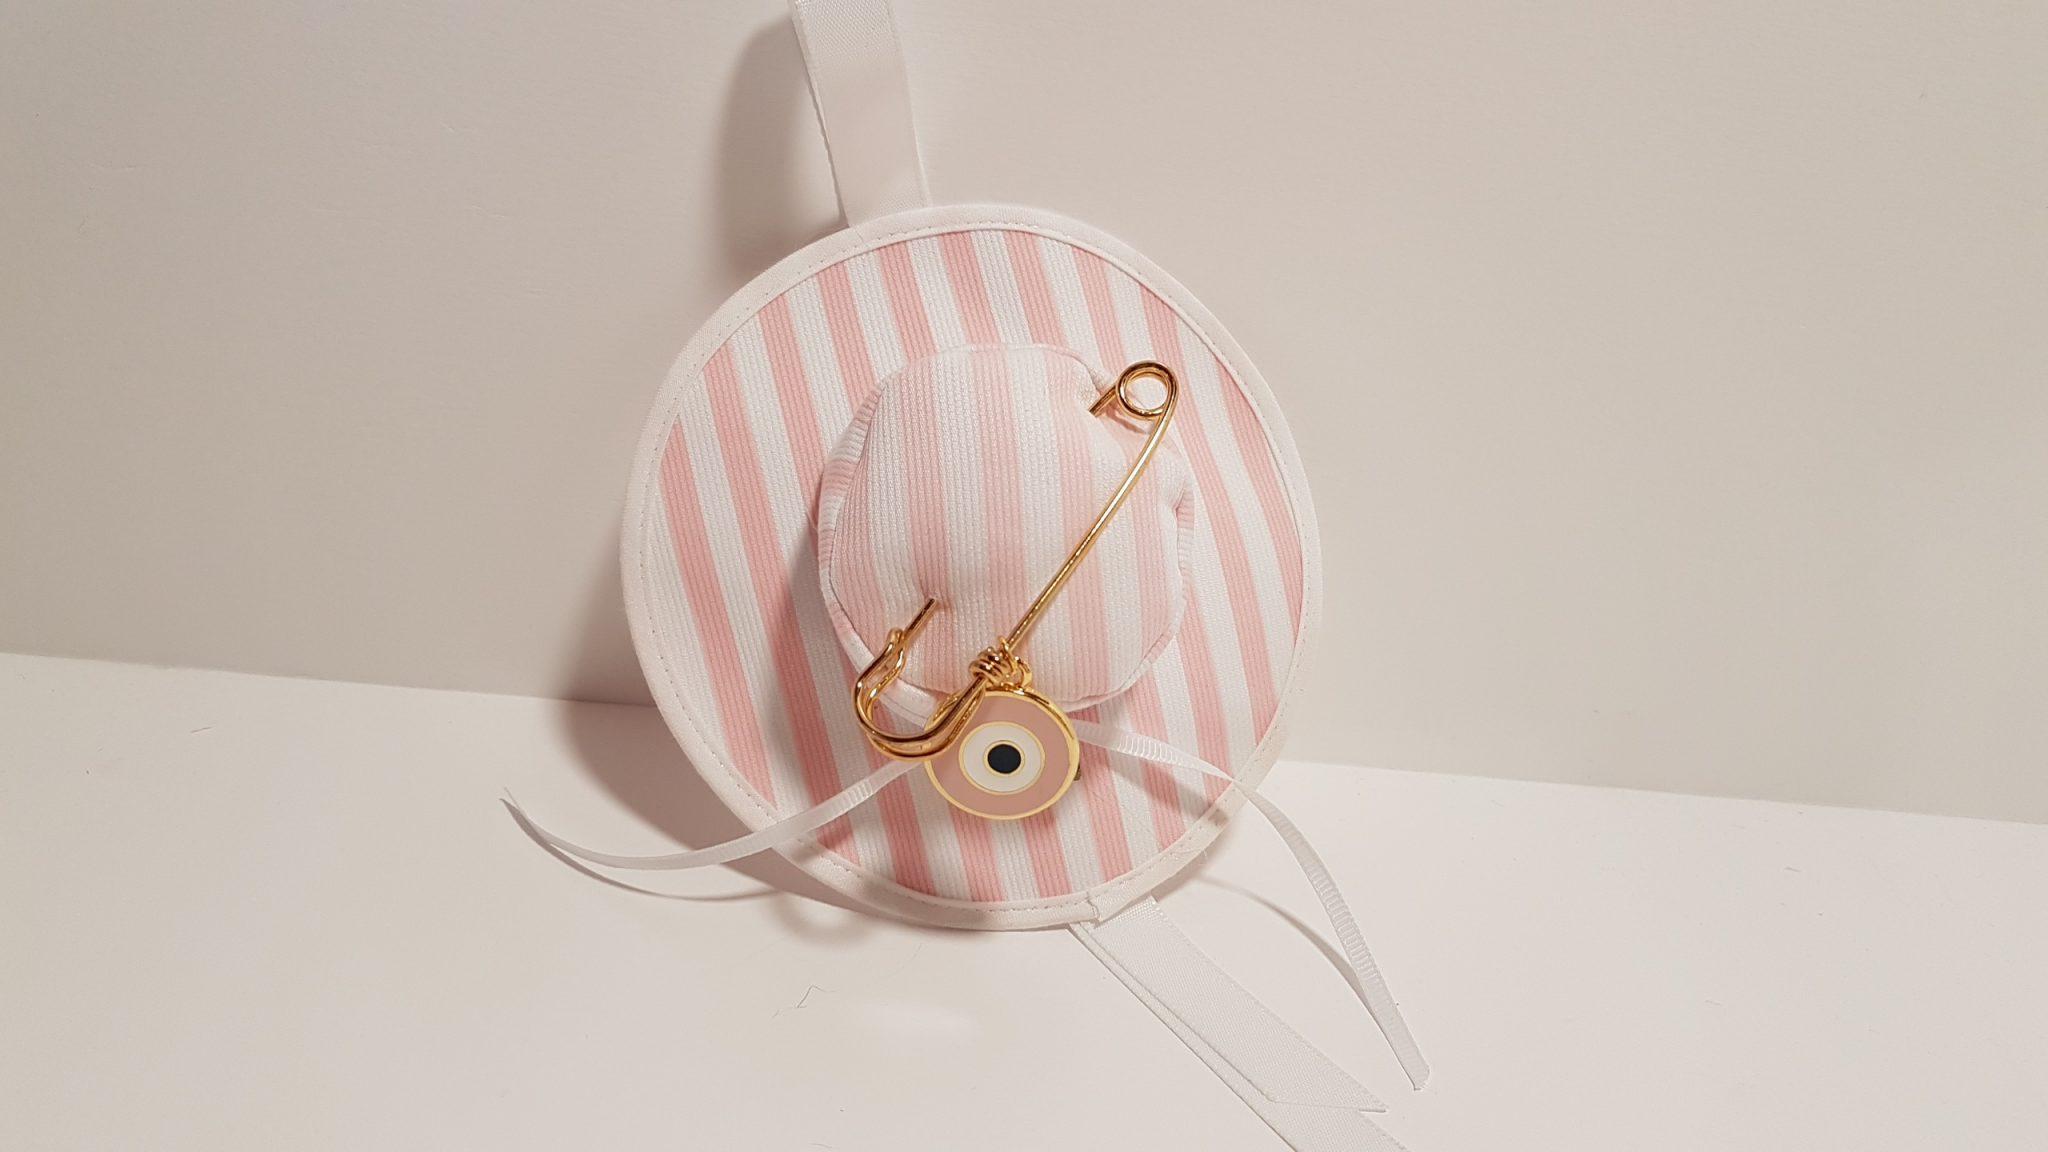 Καπελάκι φουσκωτό ροζ πουά με παραμάνα και μεγάλο μάτι χρυσό.